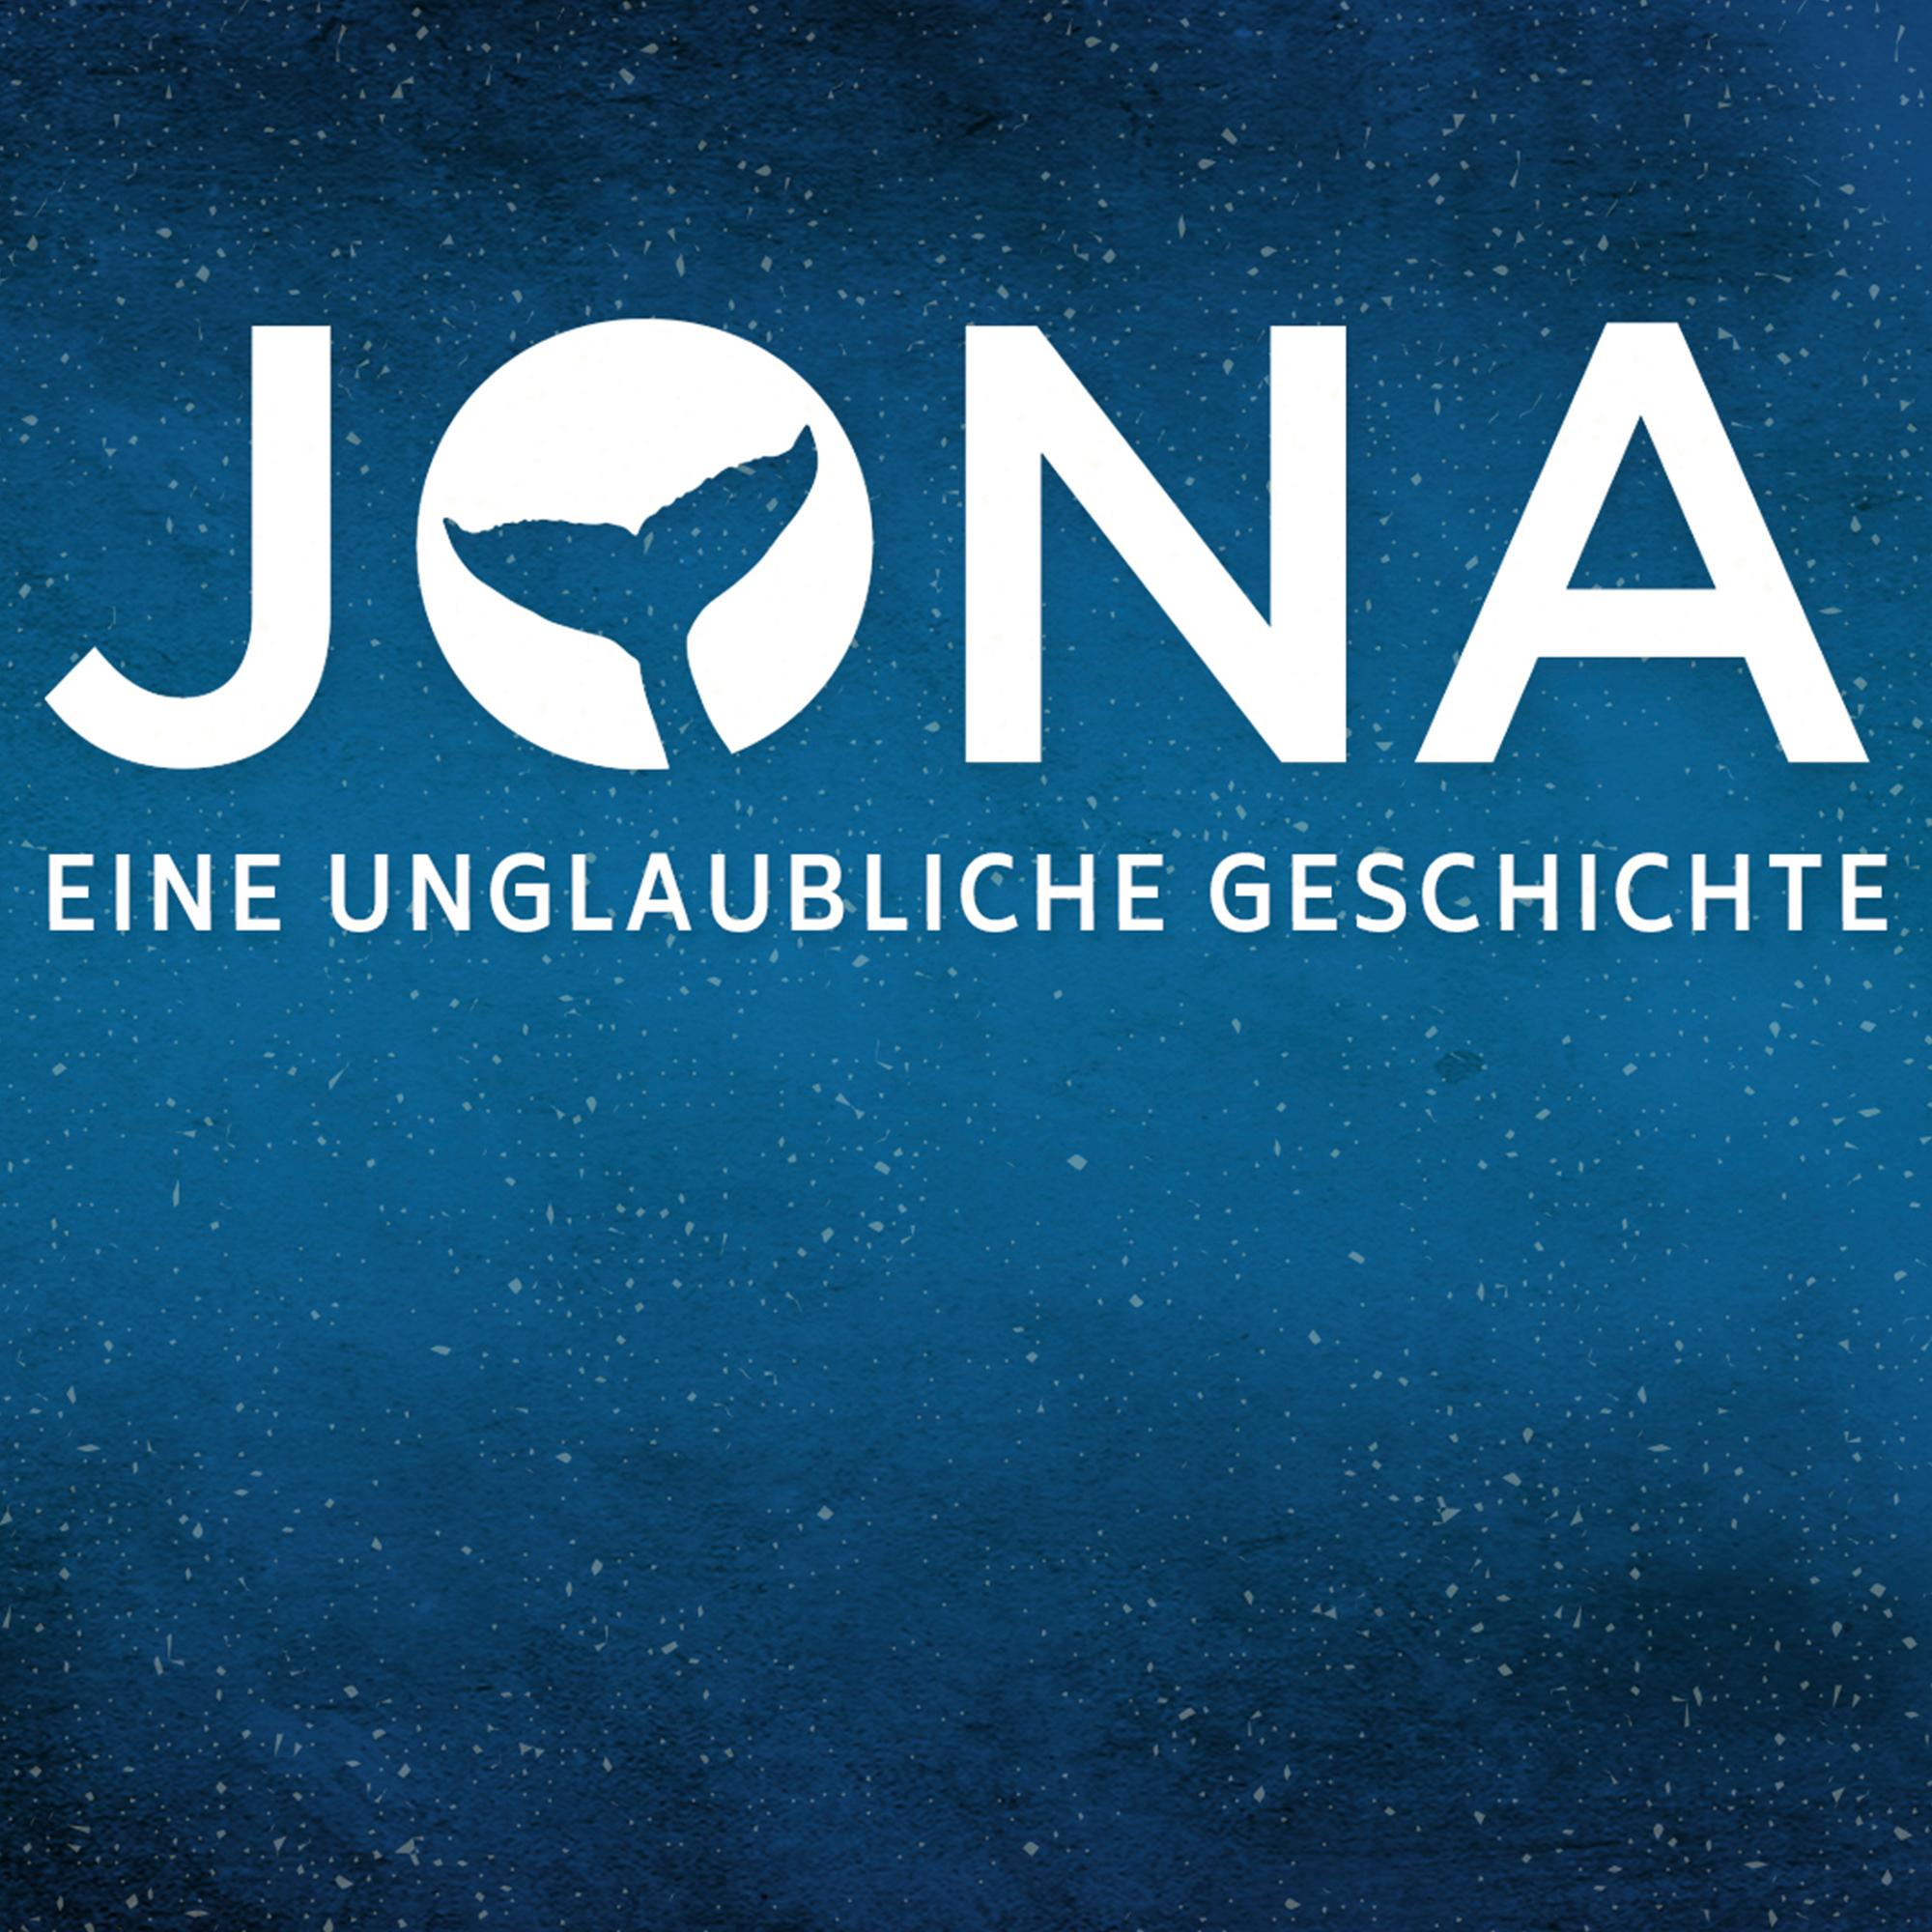 Jona. Eine unglaubliche Geschichte – Teil 2